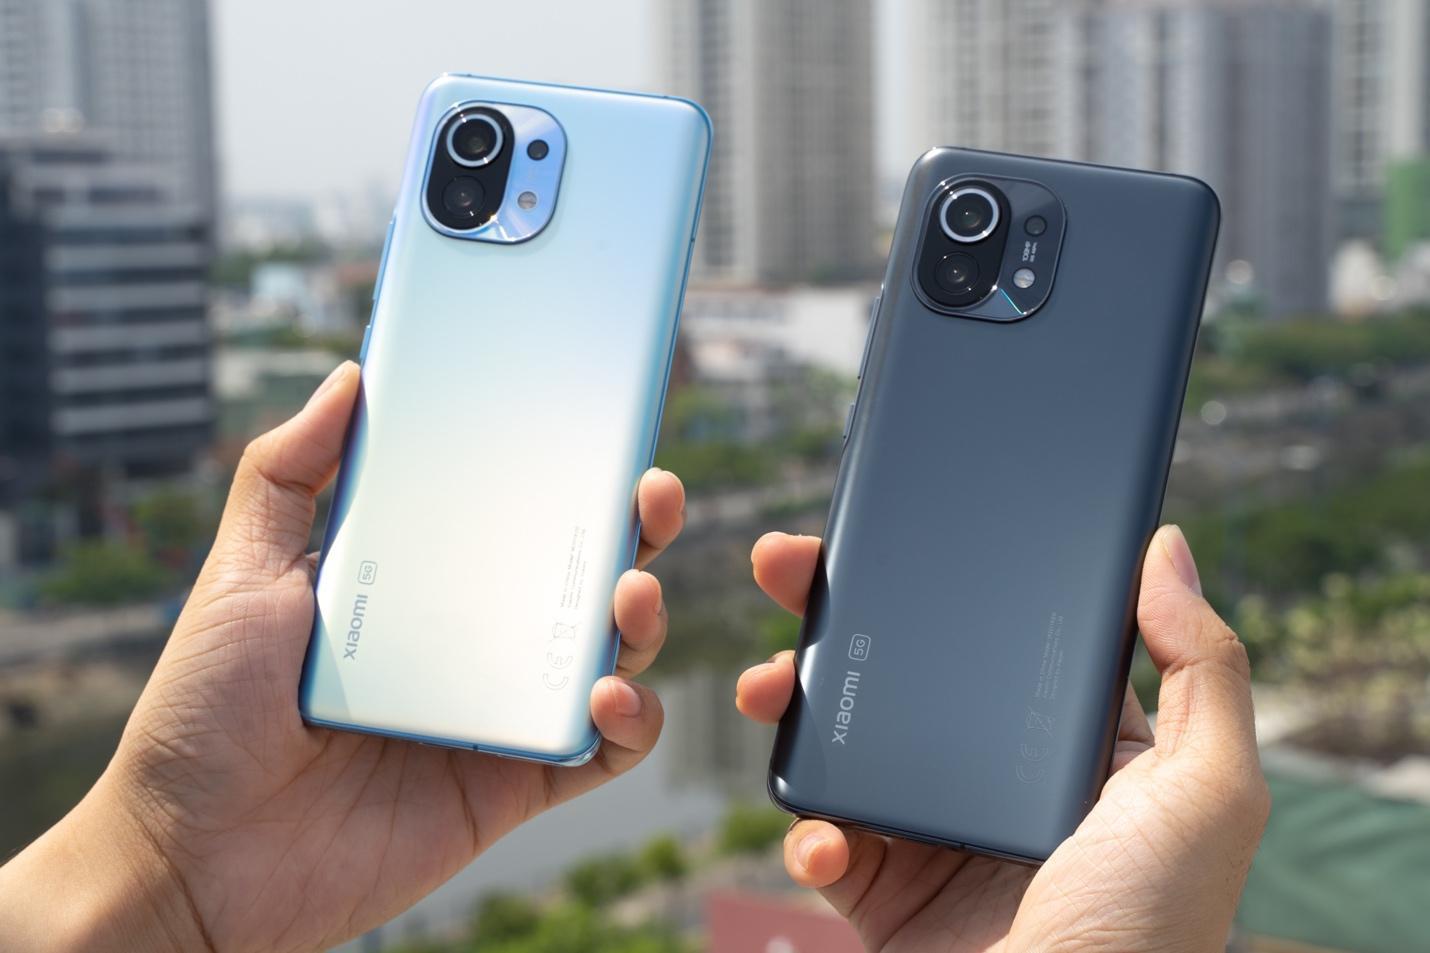 Mi 11 | 5G thắng lớn ngày đầu đặt hàng tại CellphoneS - Ảnh 3.